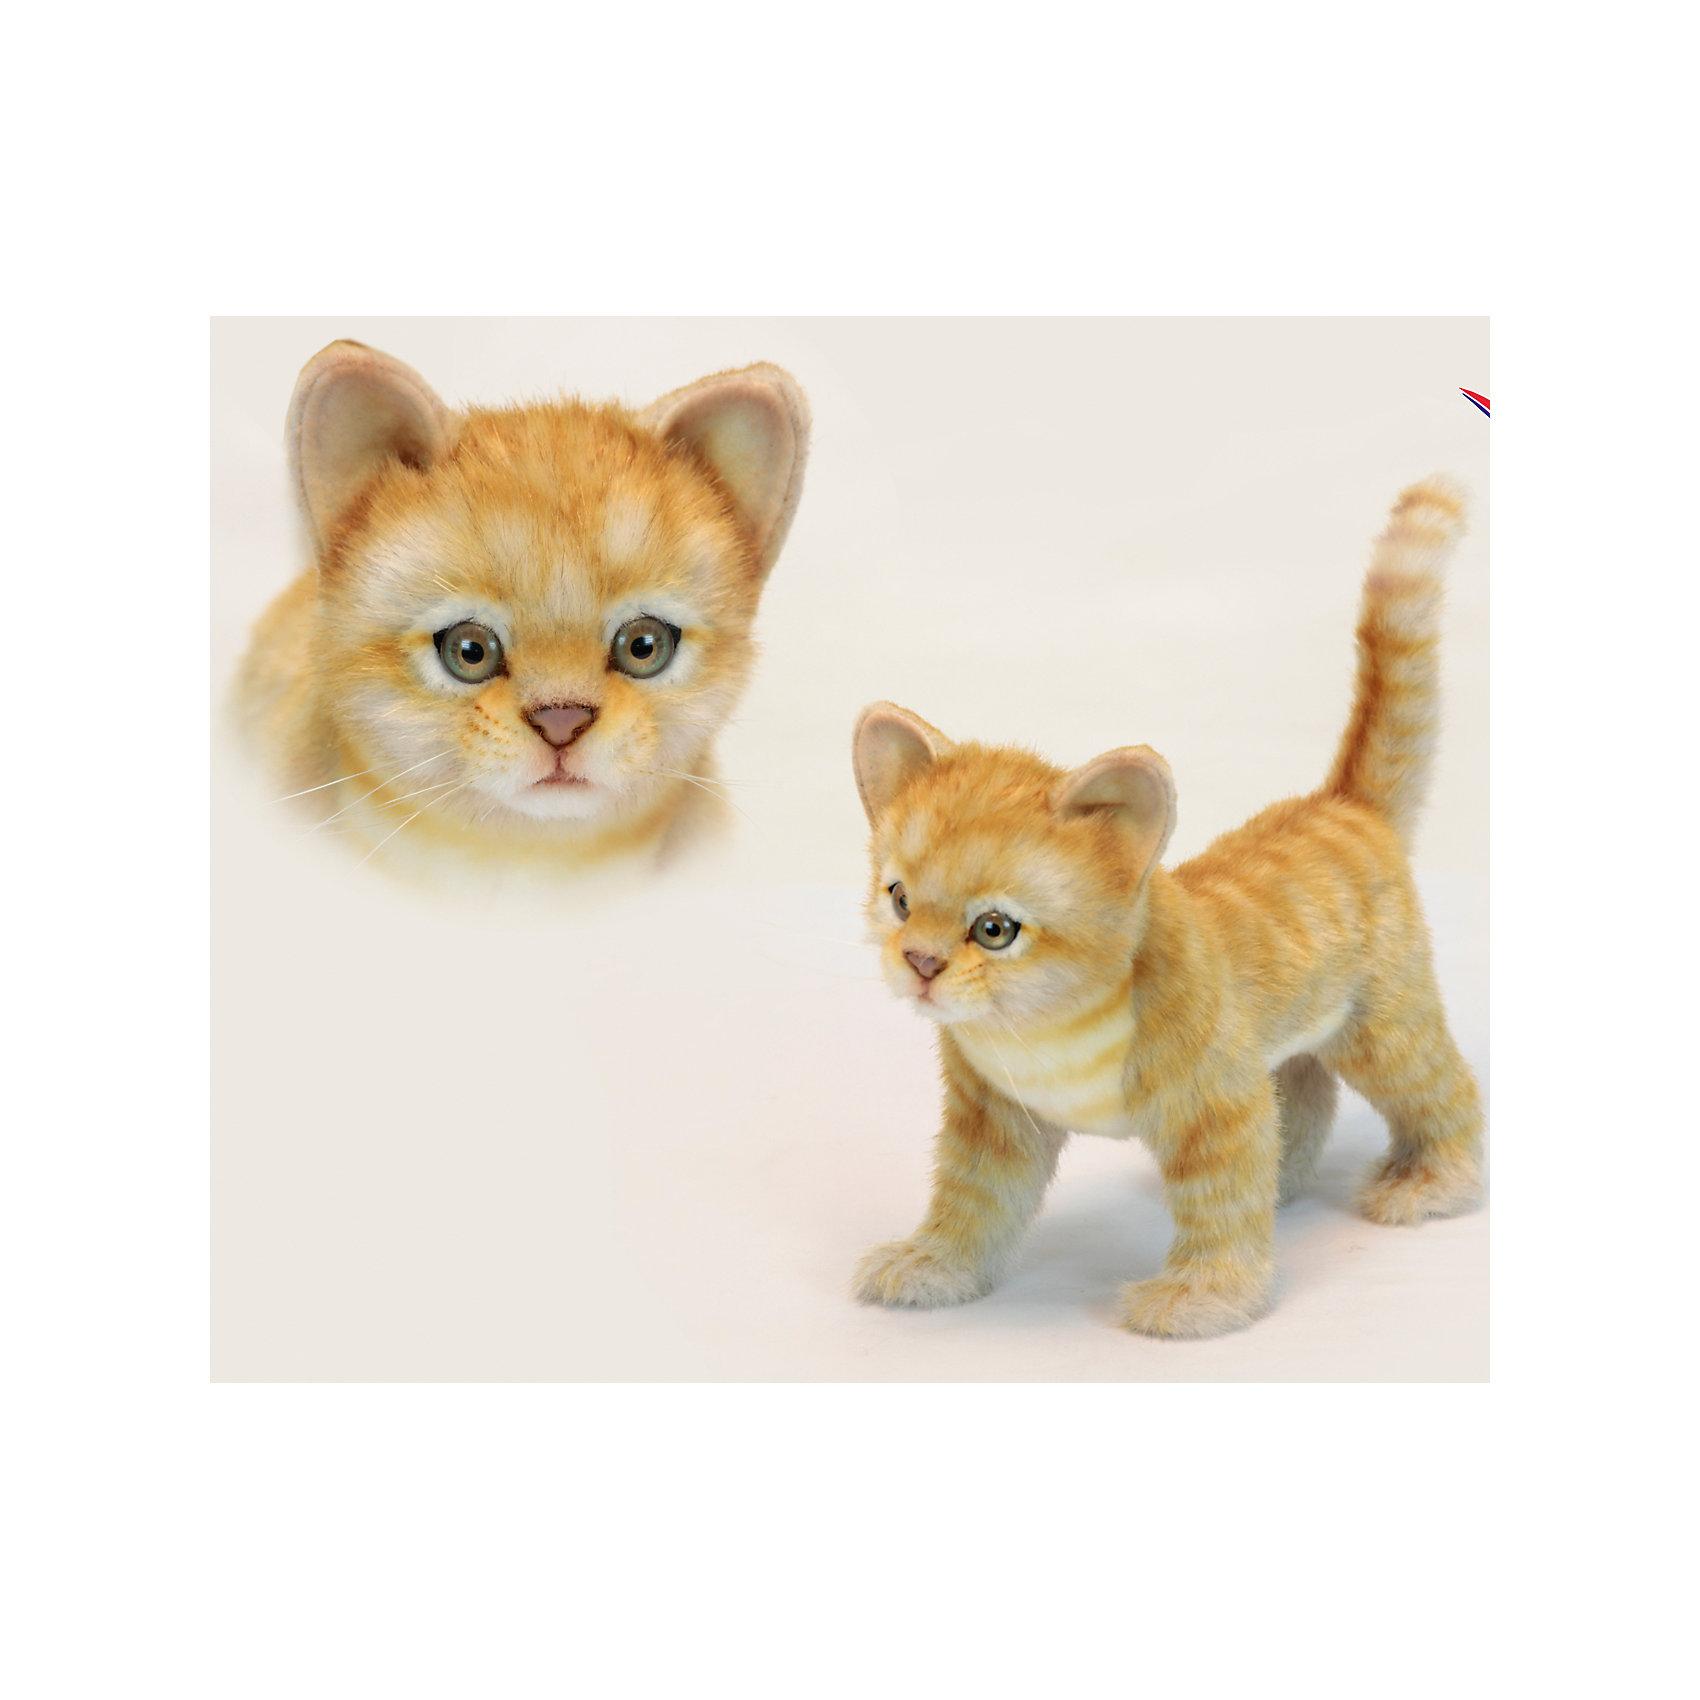 Котёнок стоящий рыжий, 30 смКошки и собаки<br>Котёнок стоящий рыжий, 30 см – игрушка от знаменитого бренда Hansa, специализирующегося на выпуске мягких игрушек с высокой степенью натуралистичности. Внешний вид игрушечного котенка полностью соответствует своему реальному прототипу. Он выполнен из искусственного меха с ворсом средней длины. Окрас игрушки имитирует окрас настоящего животного: рыжий и полосатый. Использованные материалы обладают гипоаллергенными свойствами. Внутри игрушки имеется металлический каркас, позволяющий изменять положение. <br>Игрушка относится к серии Домашние животные. <br>Мягкие игрушки от Hansa подходят для сюжетно-ролевых игр, для обучающих игр, направленных на знакомство с миром живой природы. Кроме того, их можно использовать в качестве интерьерных игрушек. Представленные у торгового бренда разнообразие игрушечных кошек позволяет собрать свою коллекцию пород, которая будет радовать вашего ребенка долгое время, так как ручная работа и качественные материалы гарантируют их долговечность и прочность.<br><br>Дополнительная информация:<br><br>- Вид игр: сюжетно-ролевые игры, коллекционирование, интерьерные игрушки<br>- Предназначение: для дома, для детских развивающих центров, для детских садов<br>- Материал: искусственный мех, наполнитель ? полиэфирное волокно<br>- Размер (ДхШхВ): 30*23*14 см<br>- Вес: 780 г<br>- Особенности ухода: сухая чистка при помощи пылесоса или щетки для одежды<br><br>Подробнее:<br><br>• Для детей в возрасте: от 3 лет <br>• Страна производитель: Филиппины<br>• Торговый бренд: Hansa<br><br>Котёнка стоящего рыжего, 30 см можно купить в нашем интернет-магазине.<br><br>Ширина мм: 30<br>Глубина мм: 23<br>Высота мм: 14<br>Вес г: 740<br>Возраст от месяцев: 36<br>Возраст до месяцев: 2147483647<br>Пол: Унисекс<br>Возраст: Детский<br>SKU: 4927233